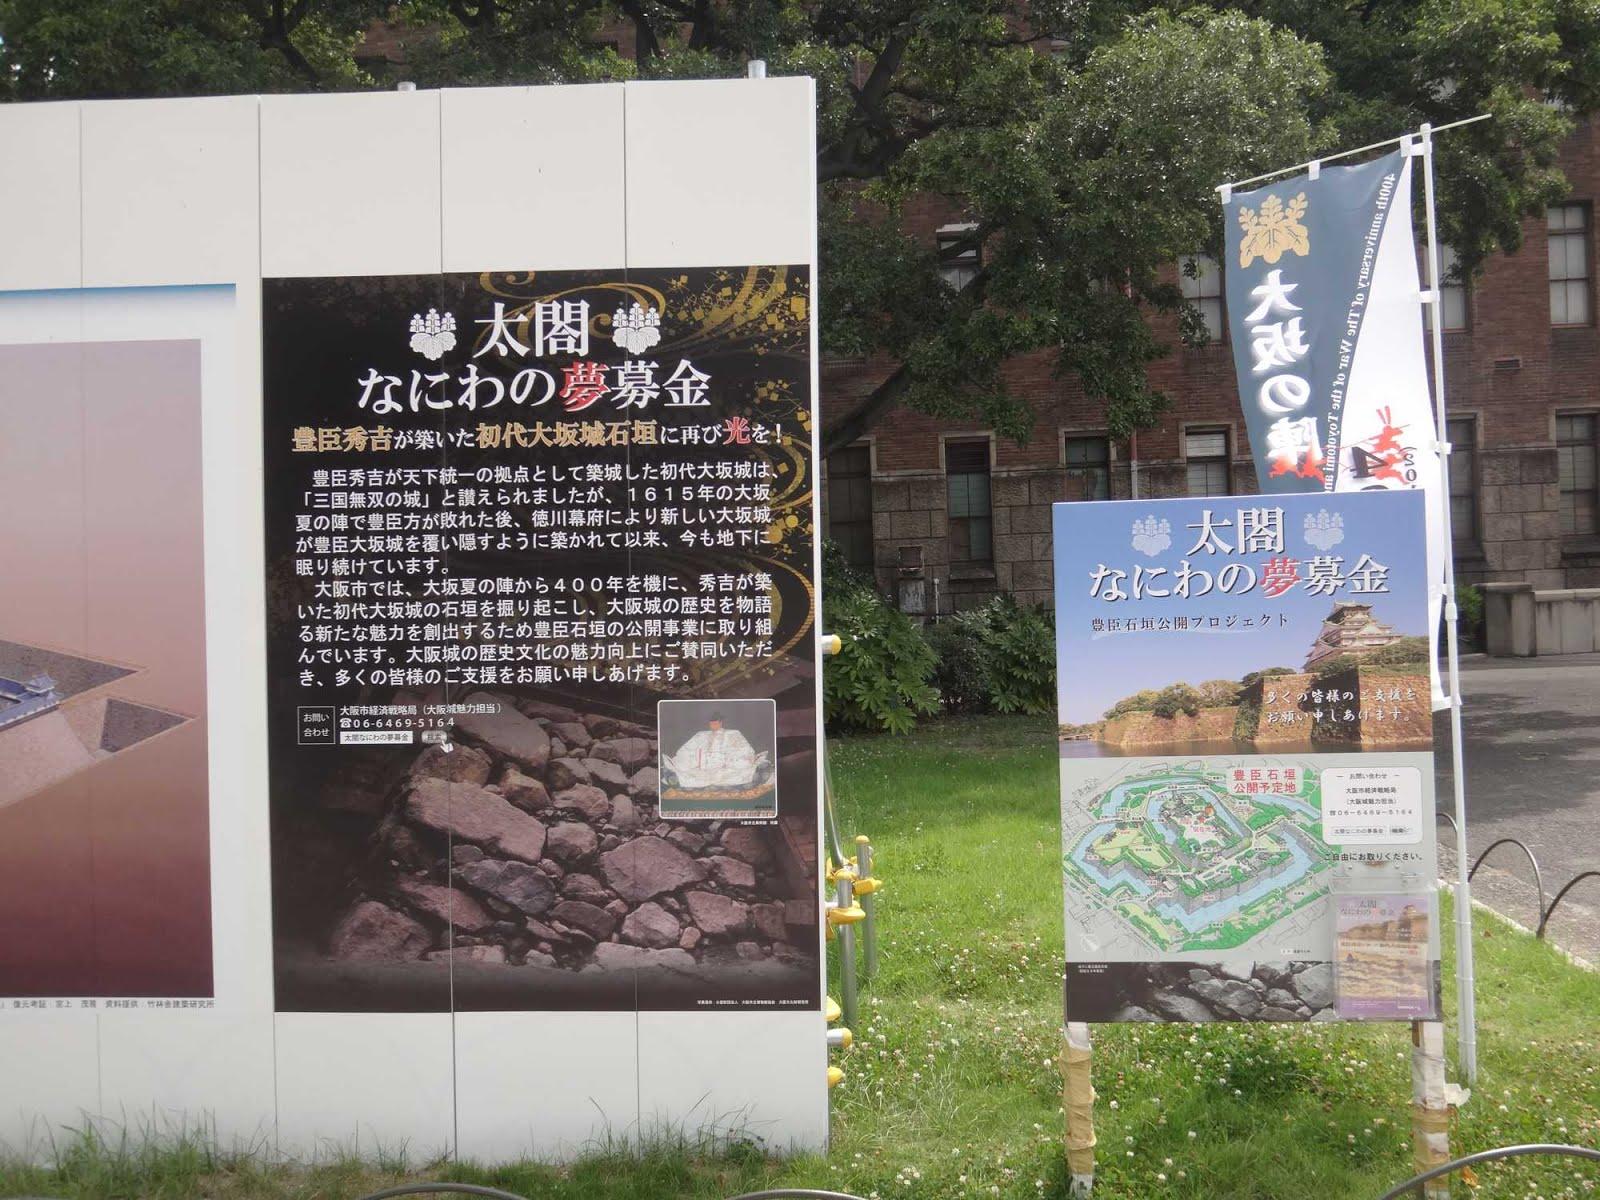 2014-07-27 (55).jpg